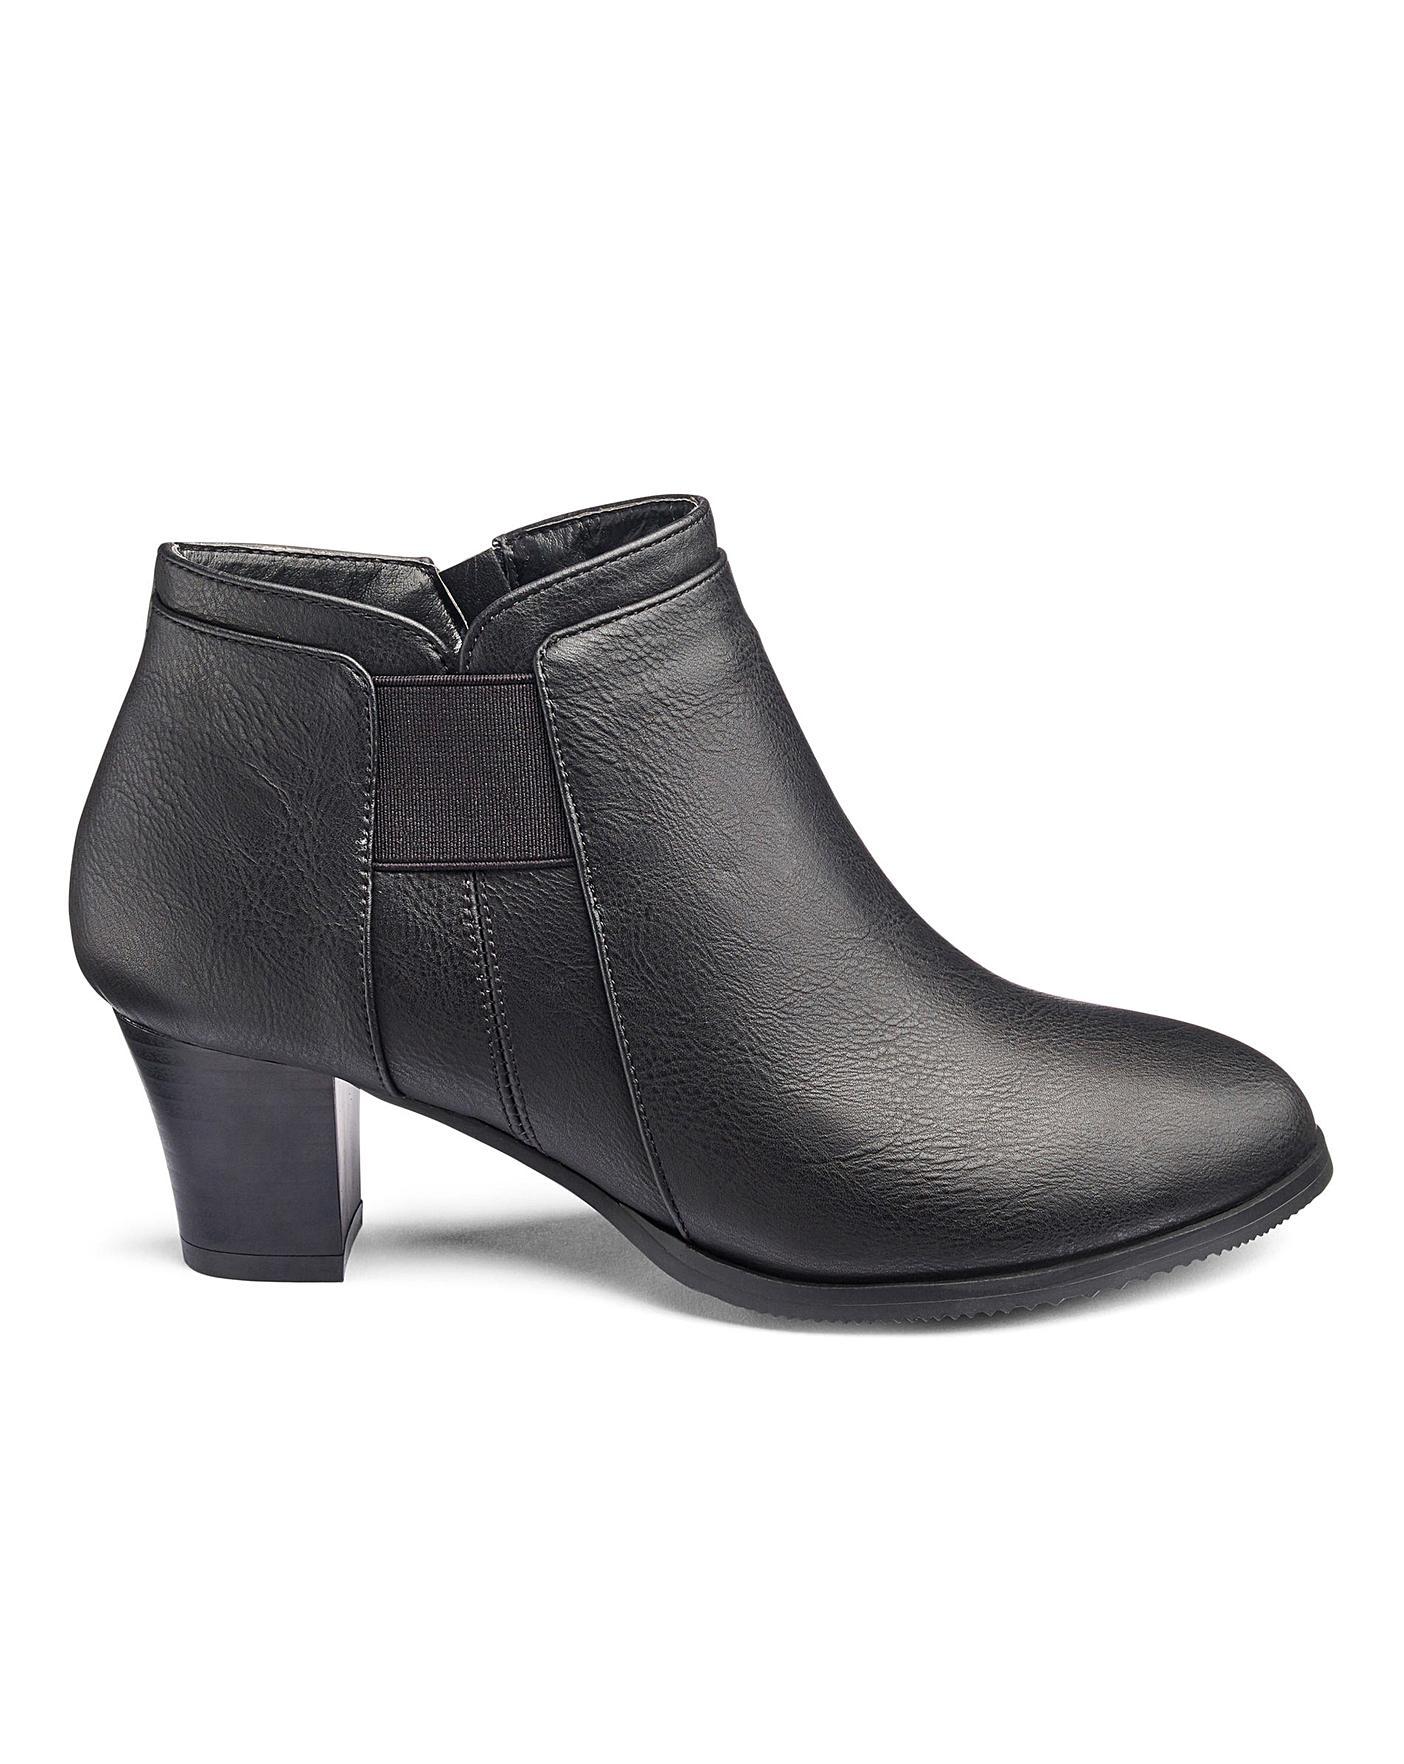 Cushion Walk Ankle Boots E Fit | Jacamo